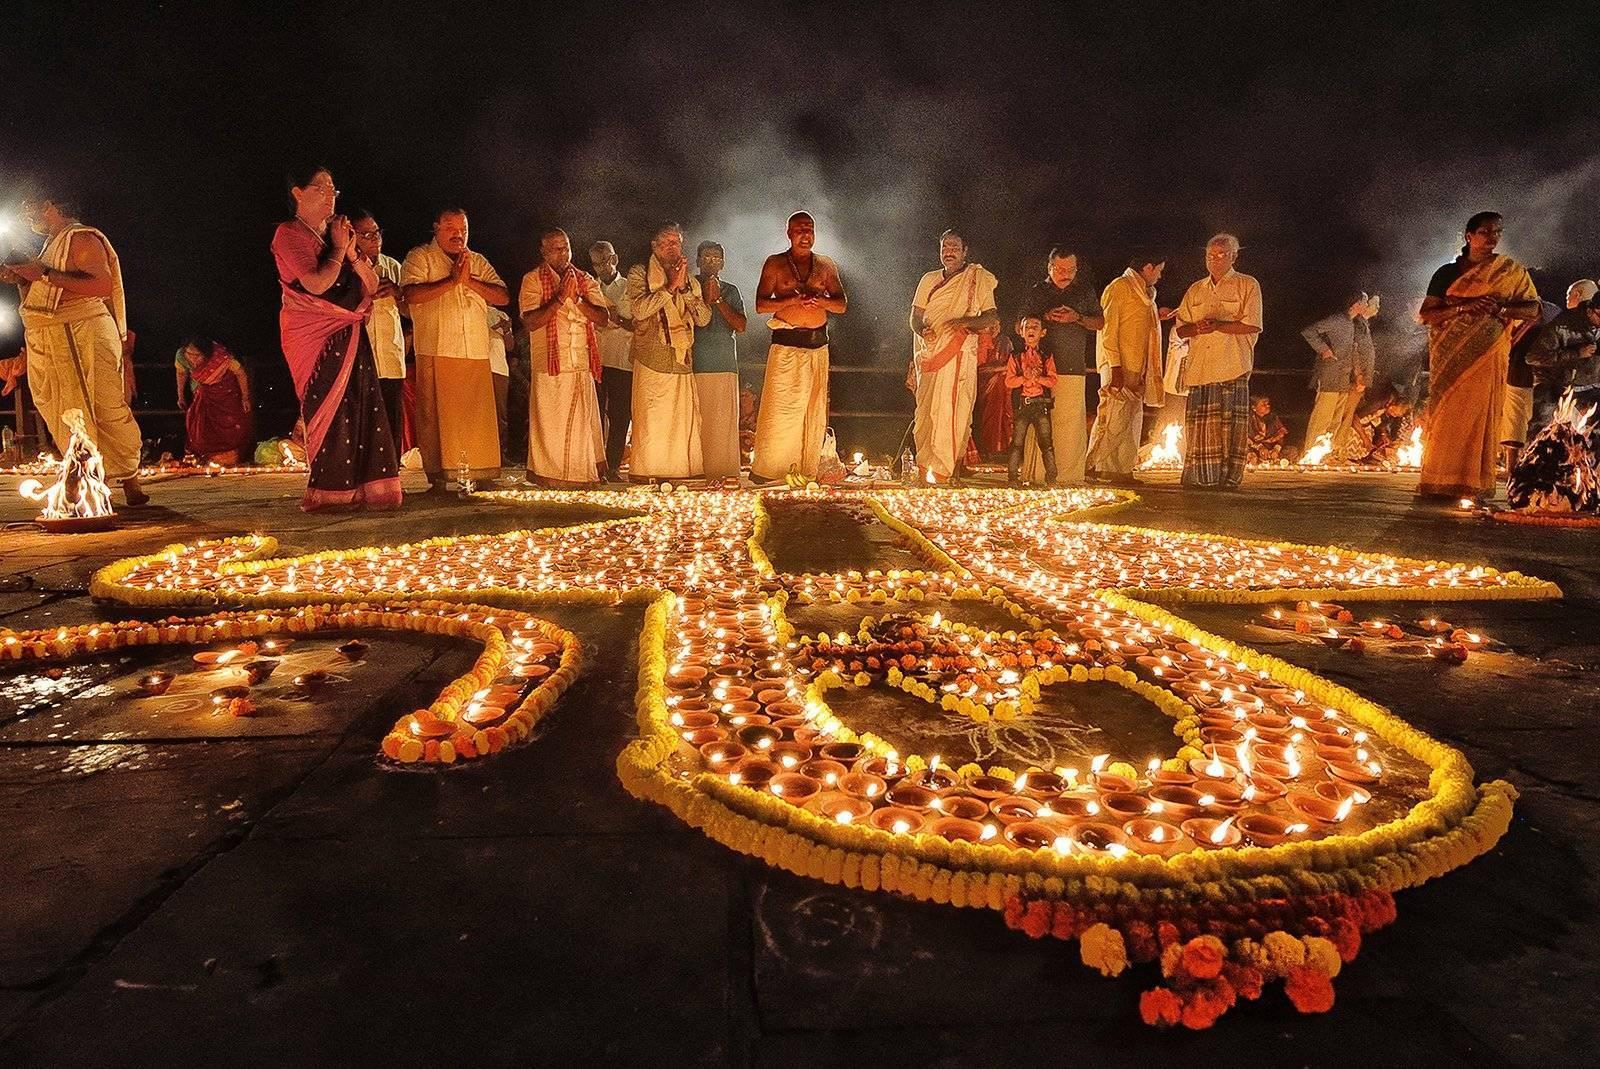 Наваратри: 9 ночей богини | индия - моя любовь